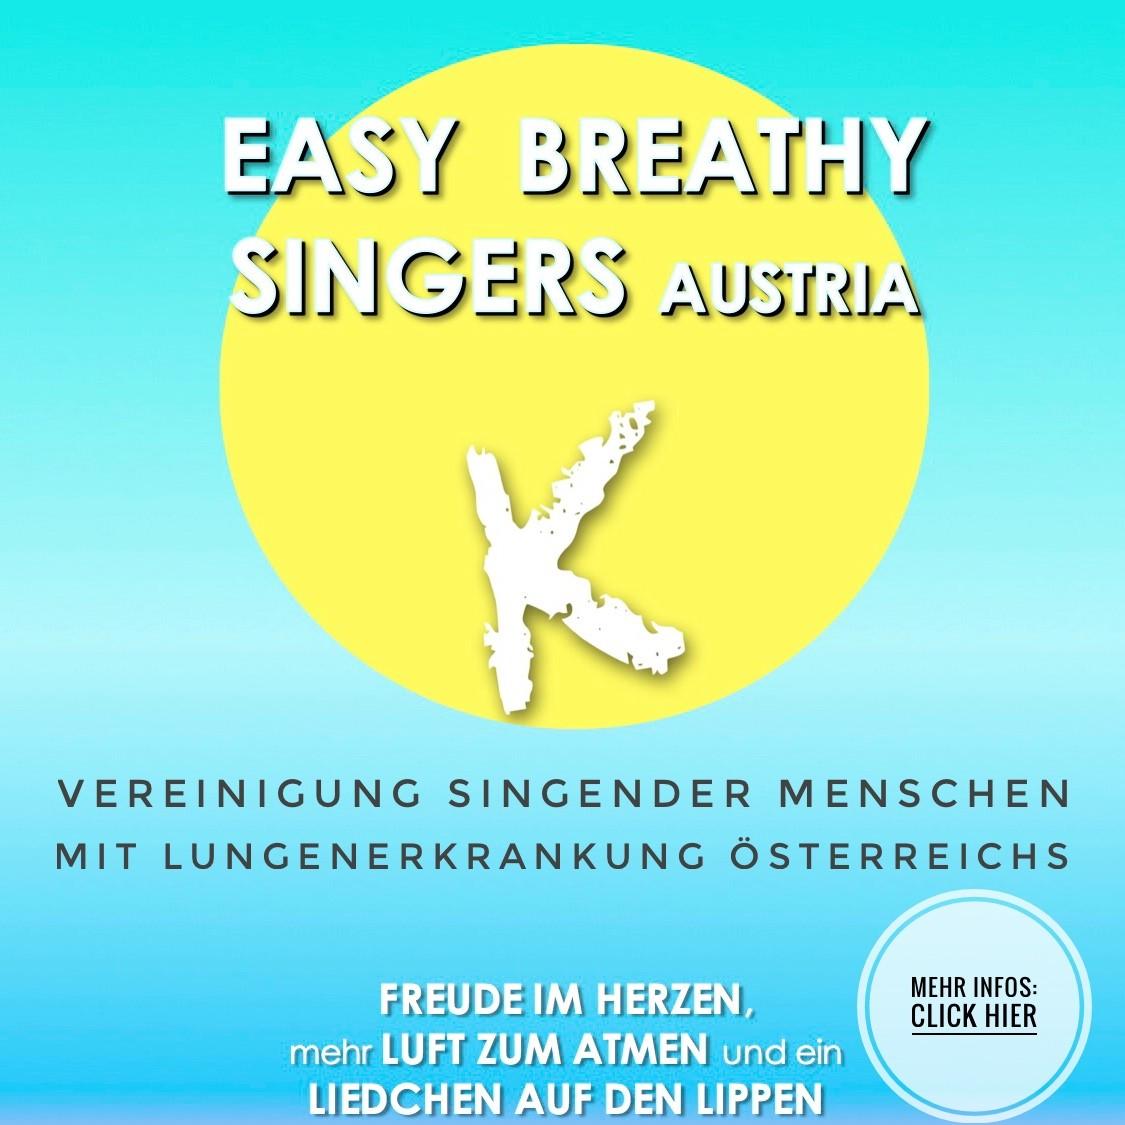 Easy Breahty Singers Austria